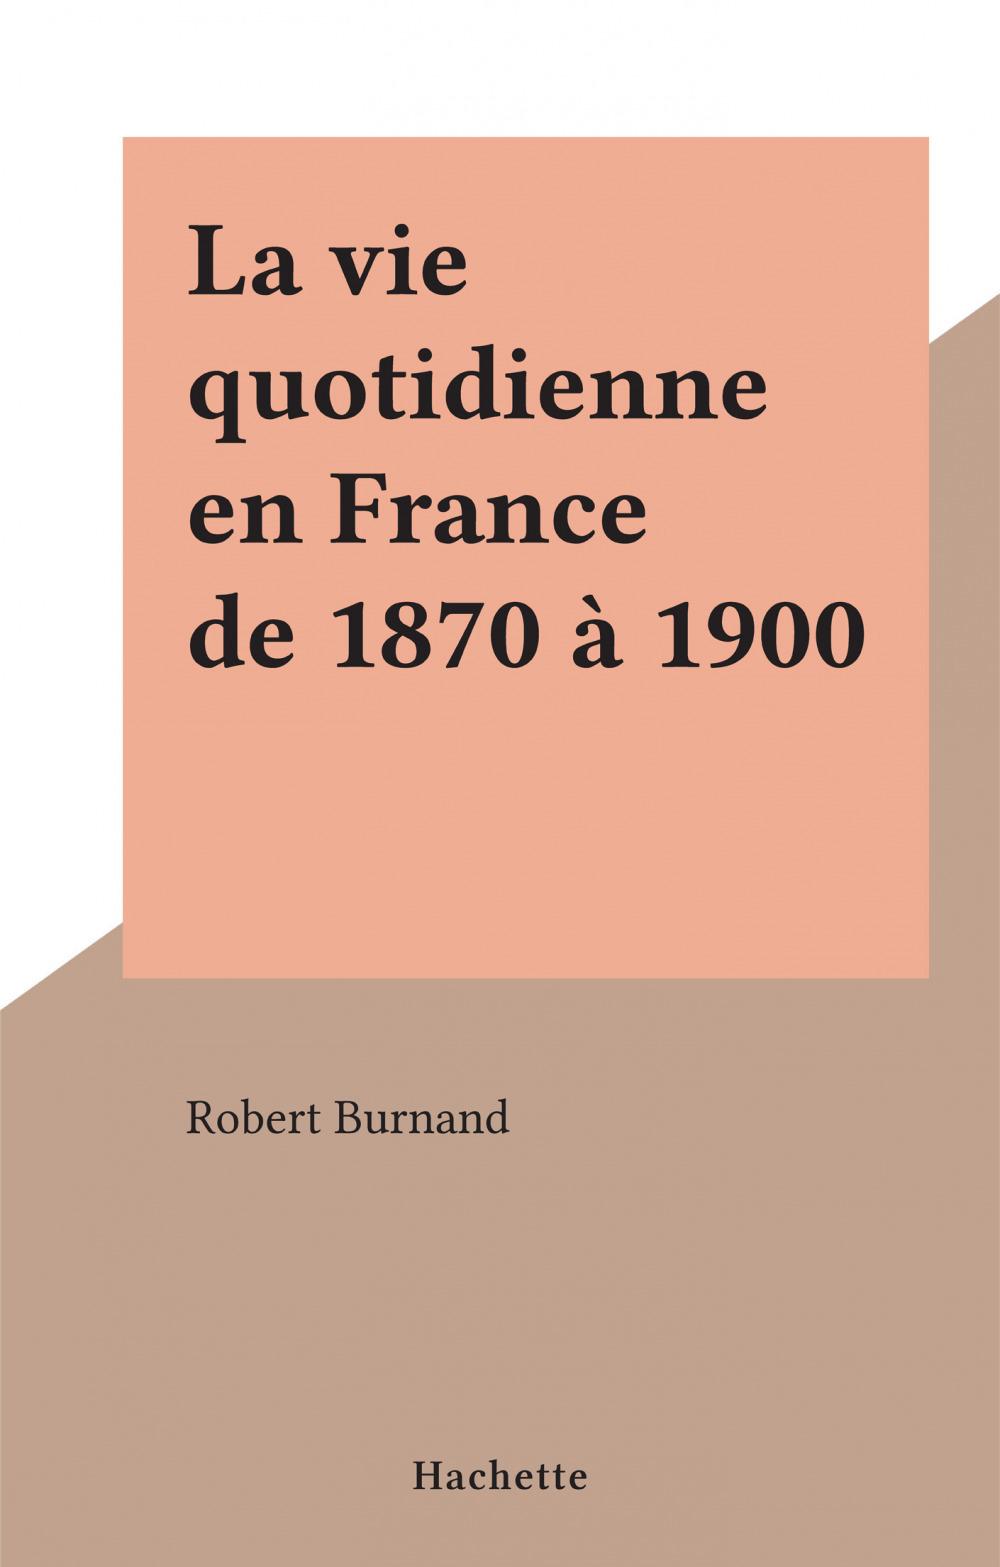 La vie quotidienne en France de 1870 à 1900  - Robert Burnand